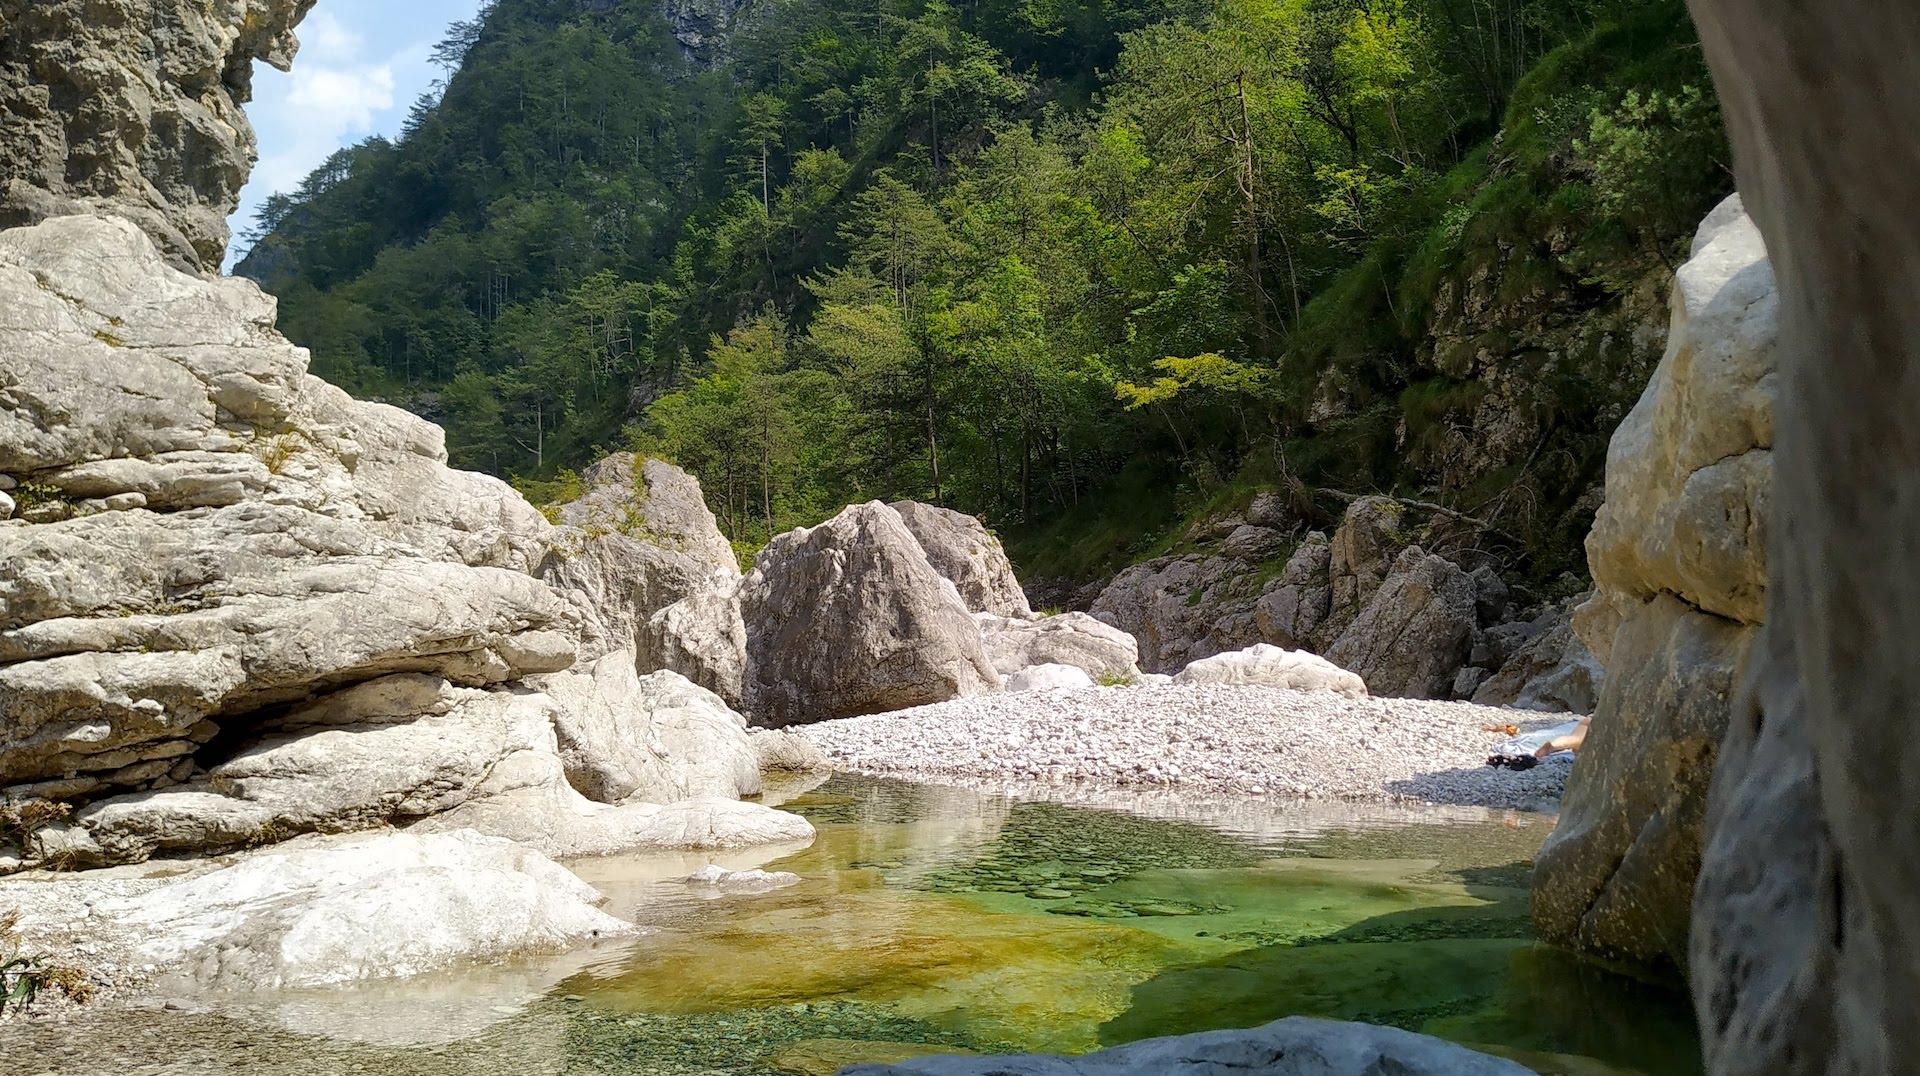 Pozze Smeraldine della Val Tramontina: come raggiungerle e consigli per la visita